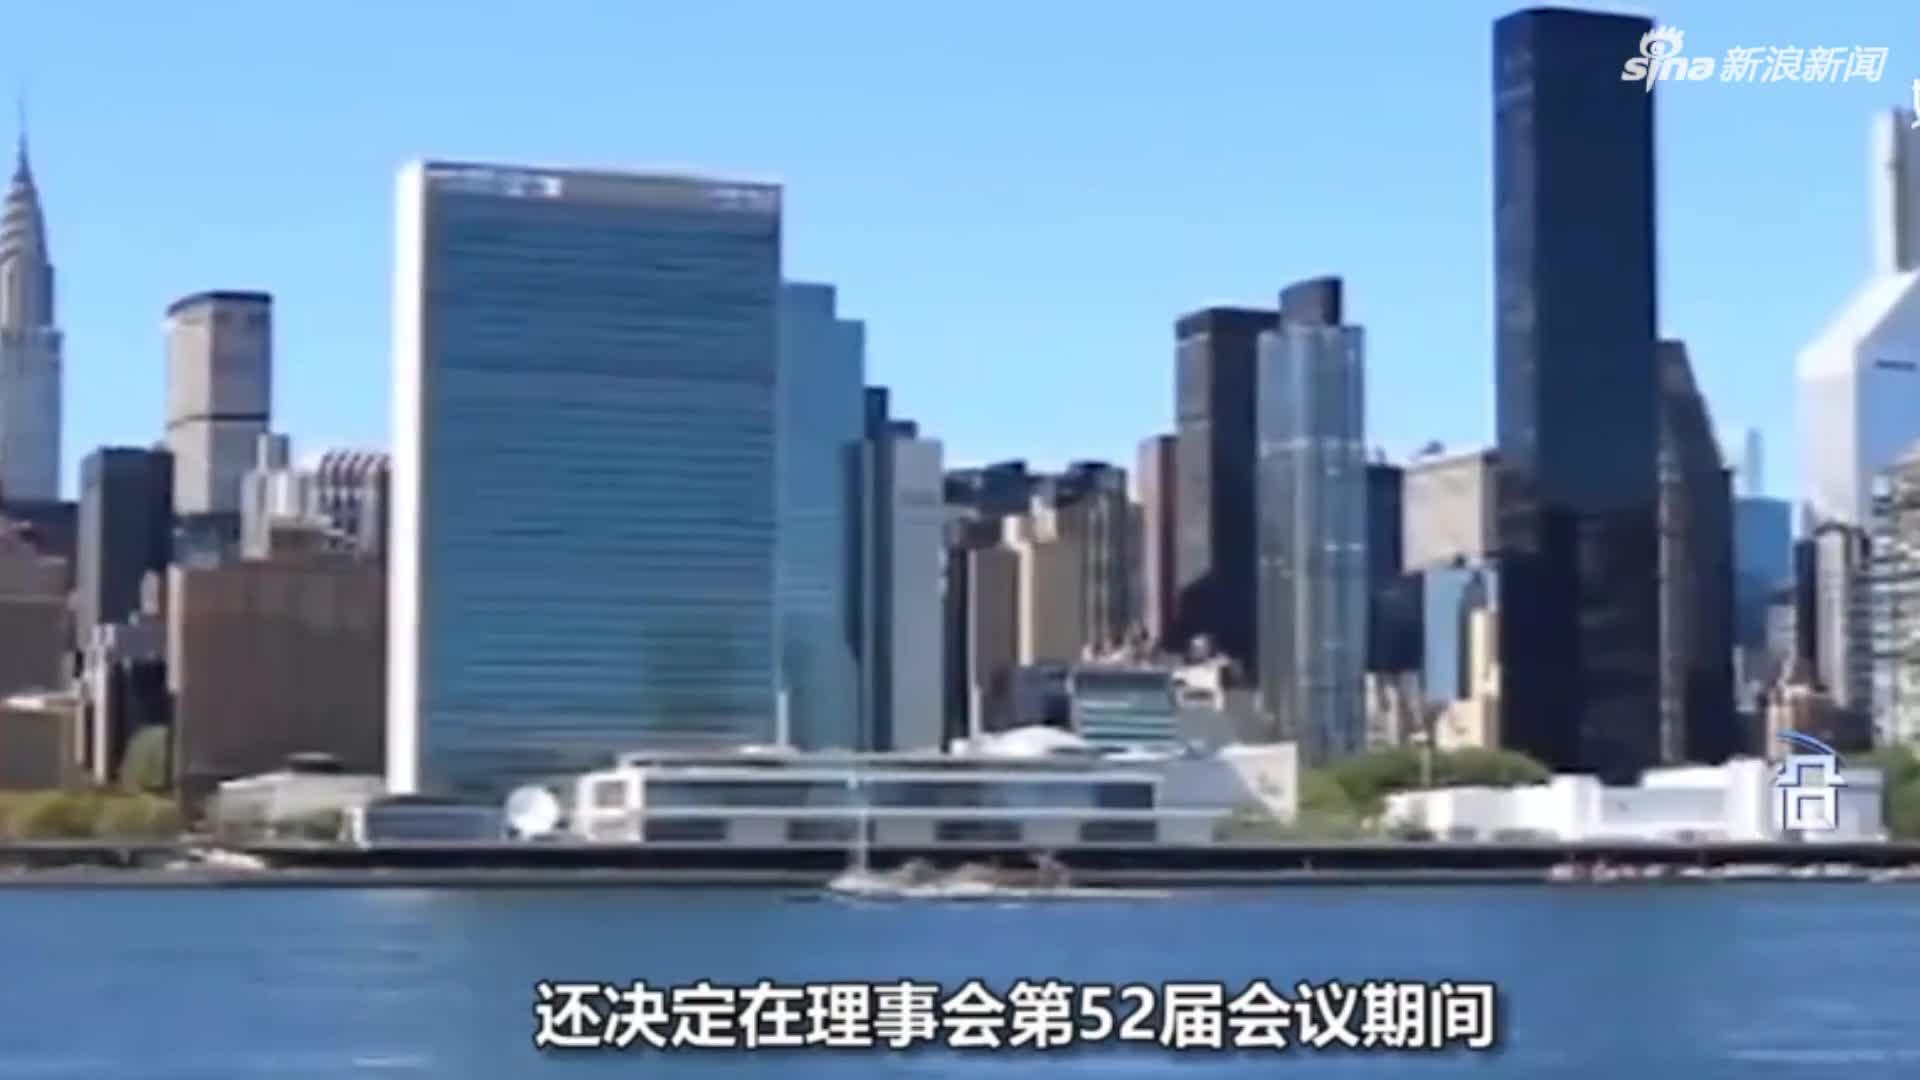 中方投反对票后,仅过48小时,日本作出重大让步,联合国绝没想到